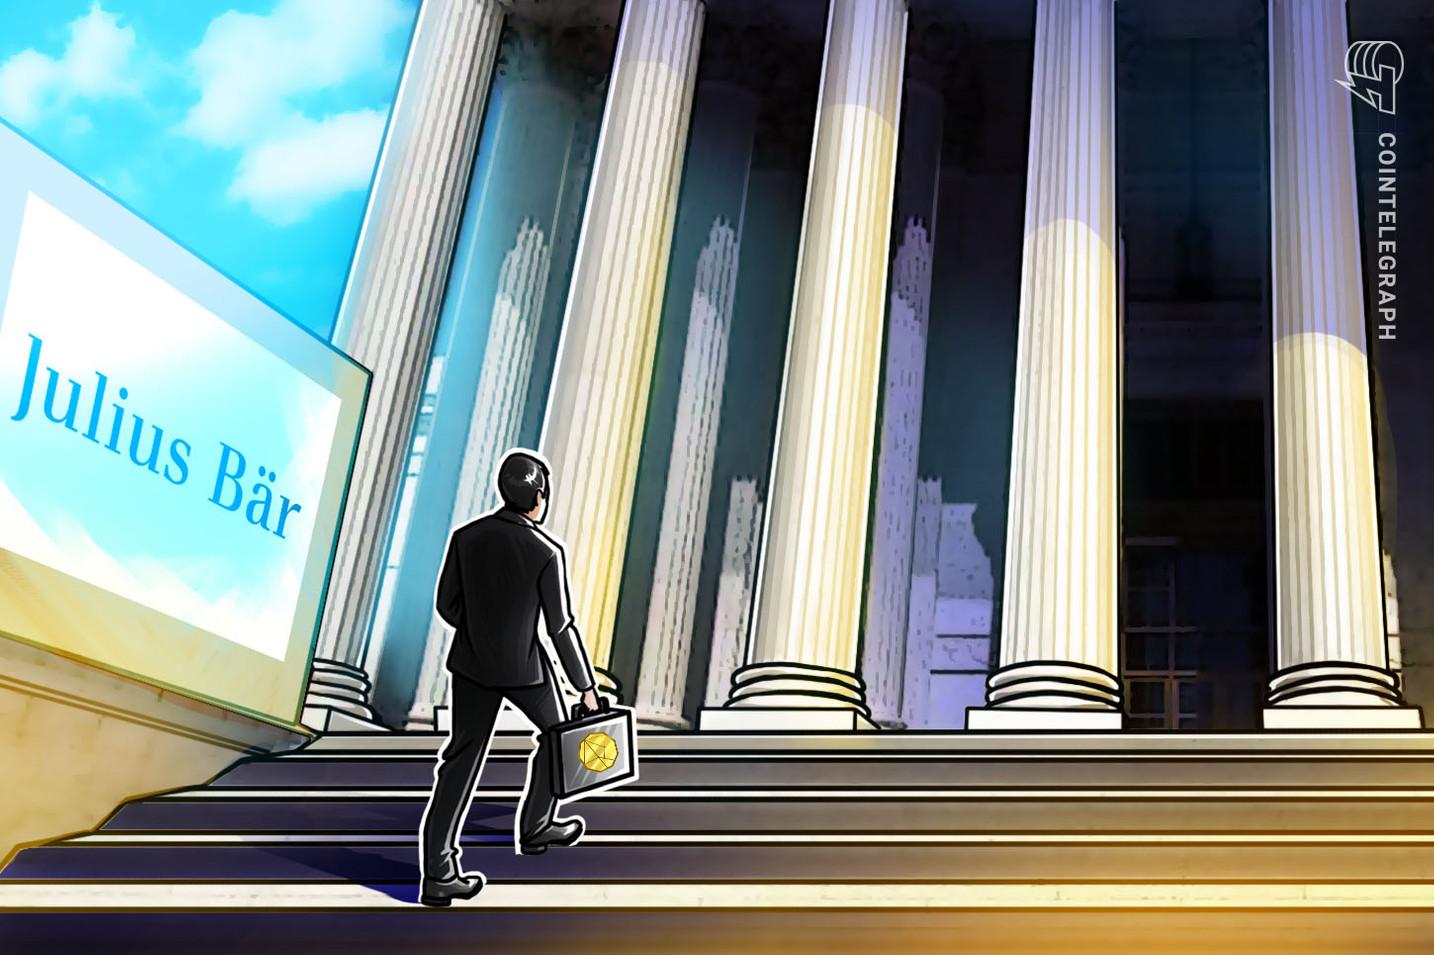 El gigante bancario suizo Julius Baer ofrecerá servicios de criptoactivos a sus clientes